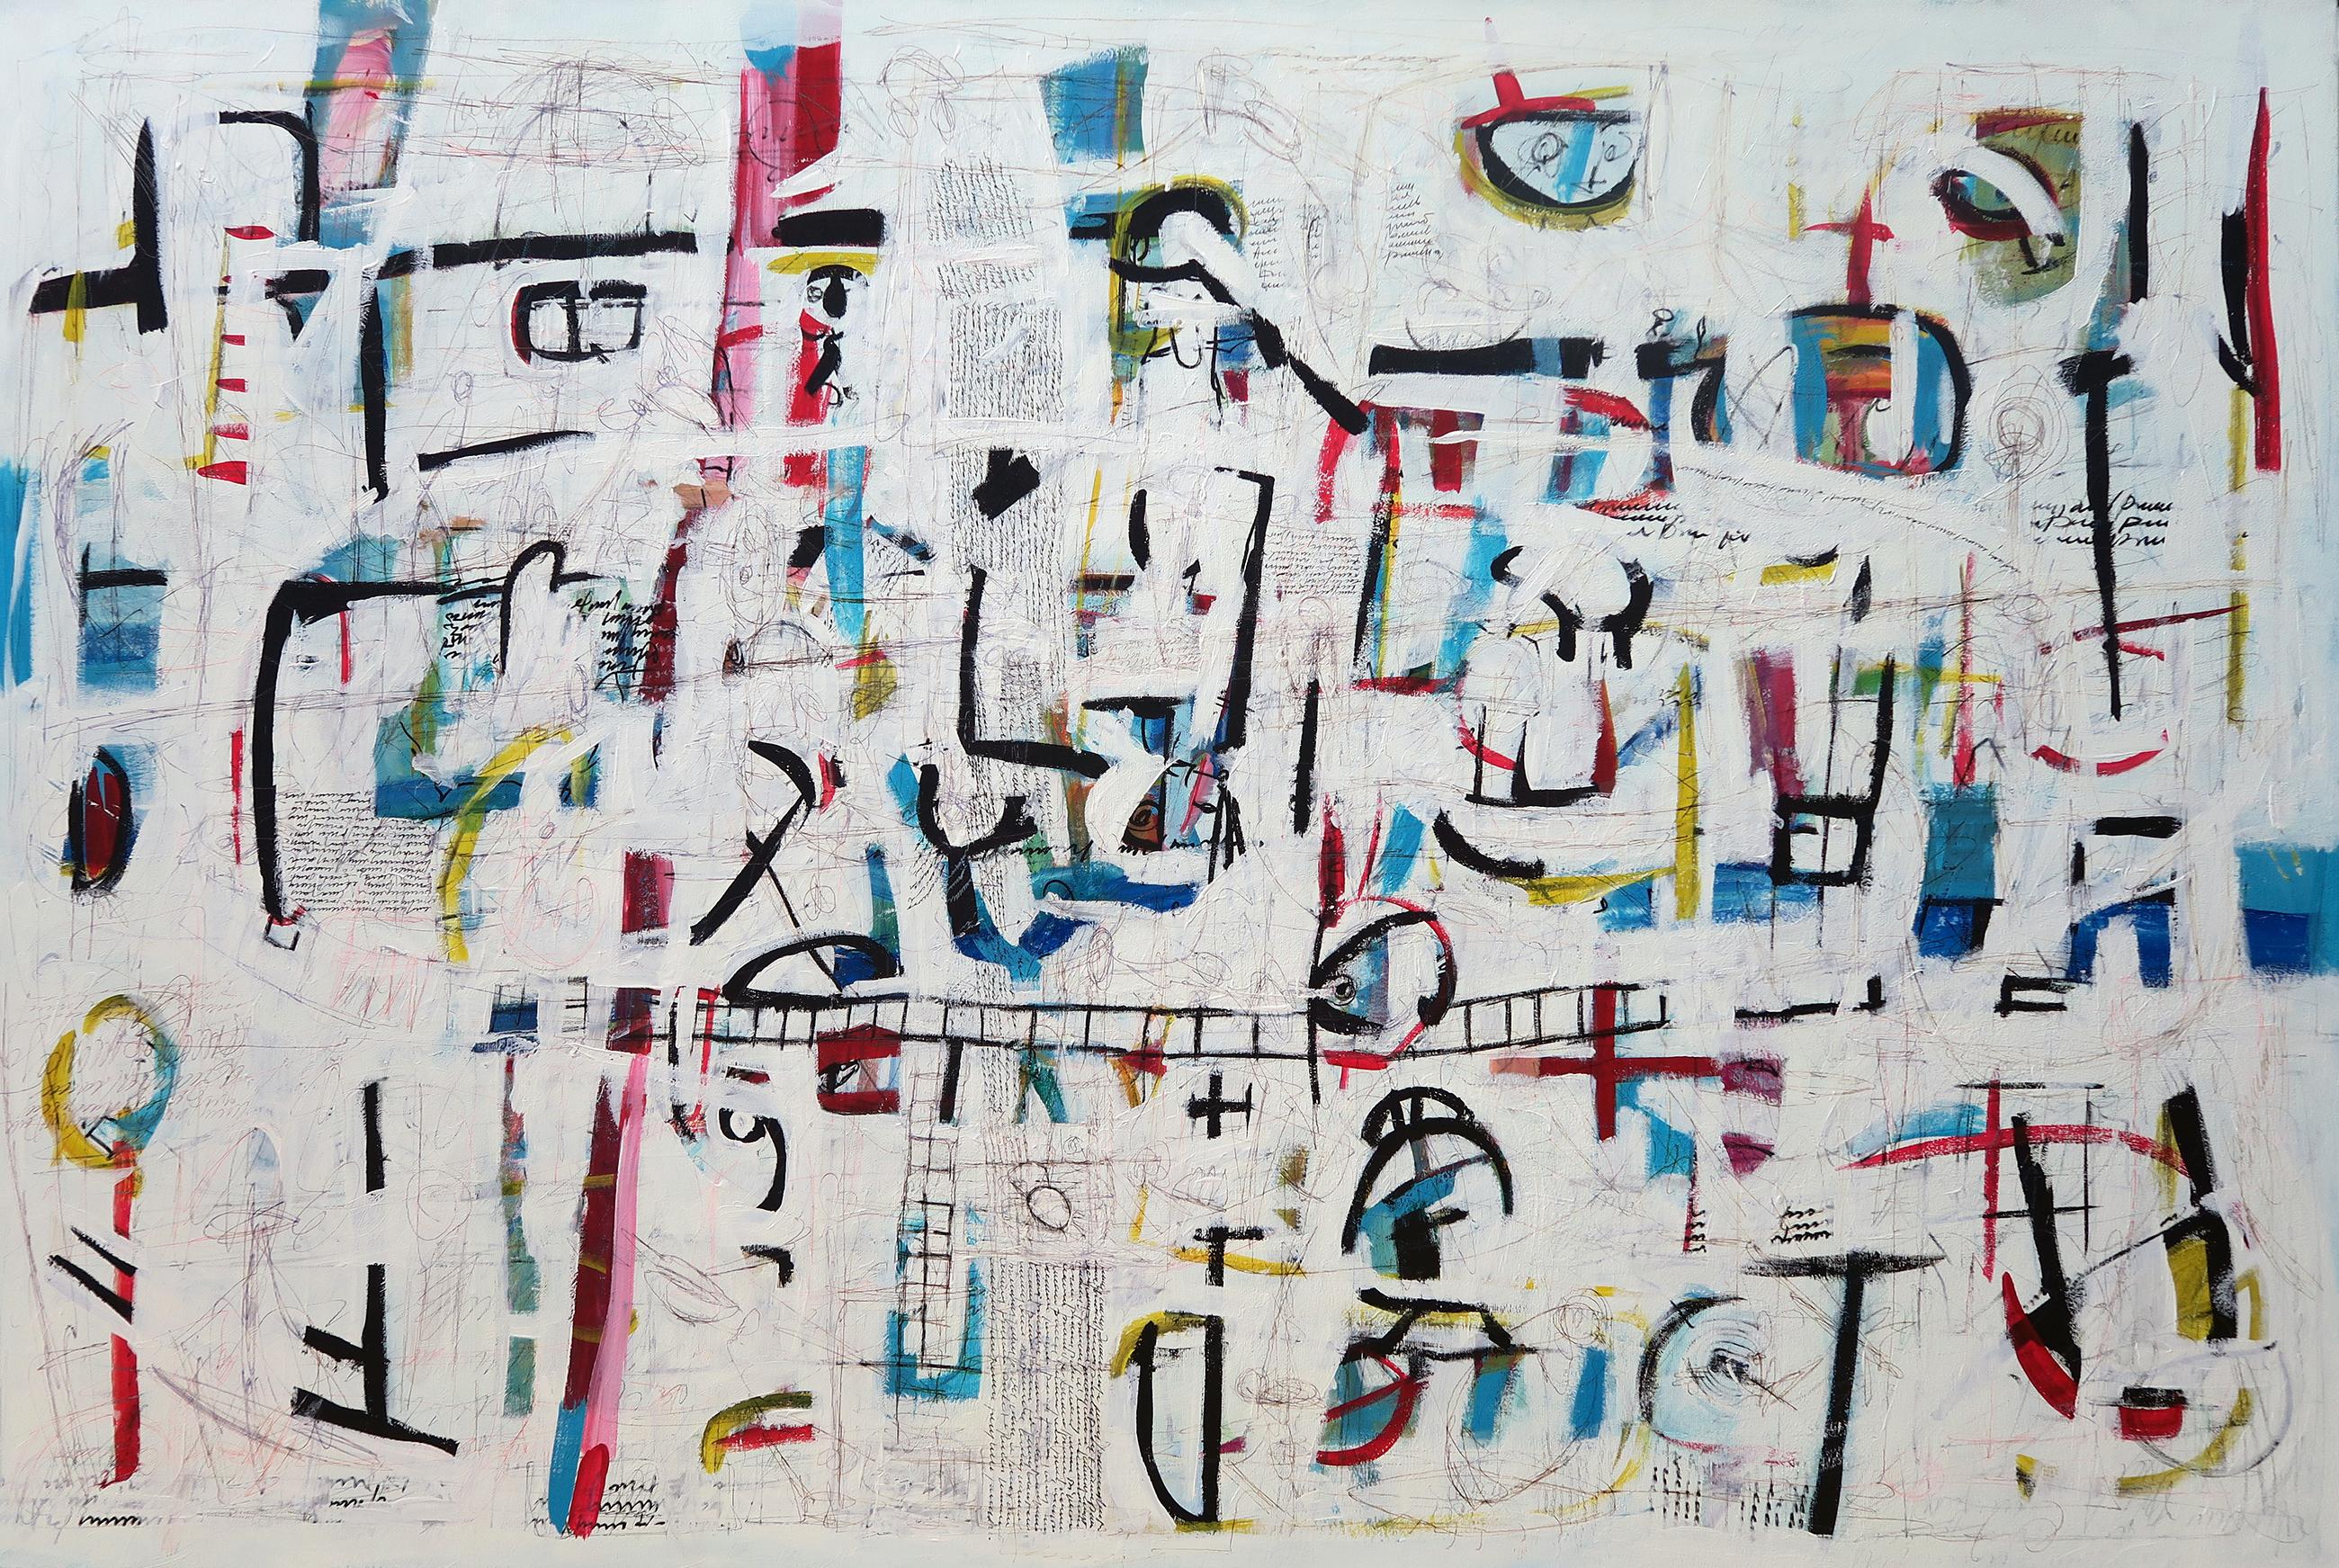 L'arte del togliere… o del mettere? Gabriele Albanesi a Formaprima (parte seconda)